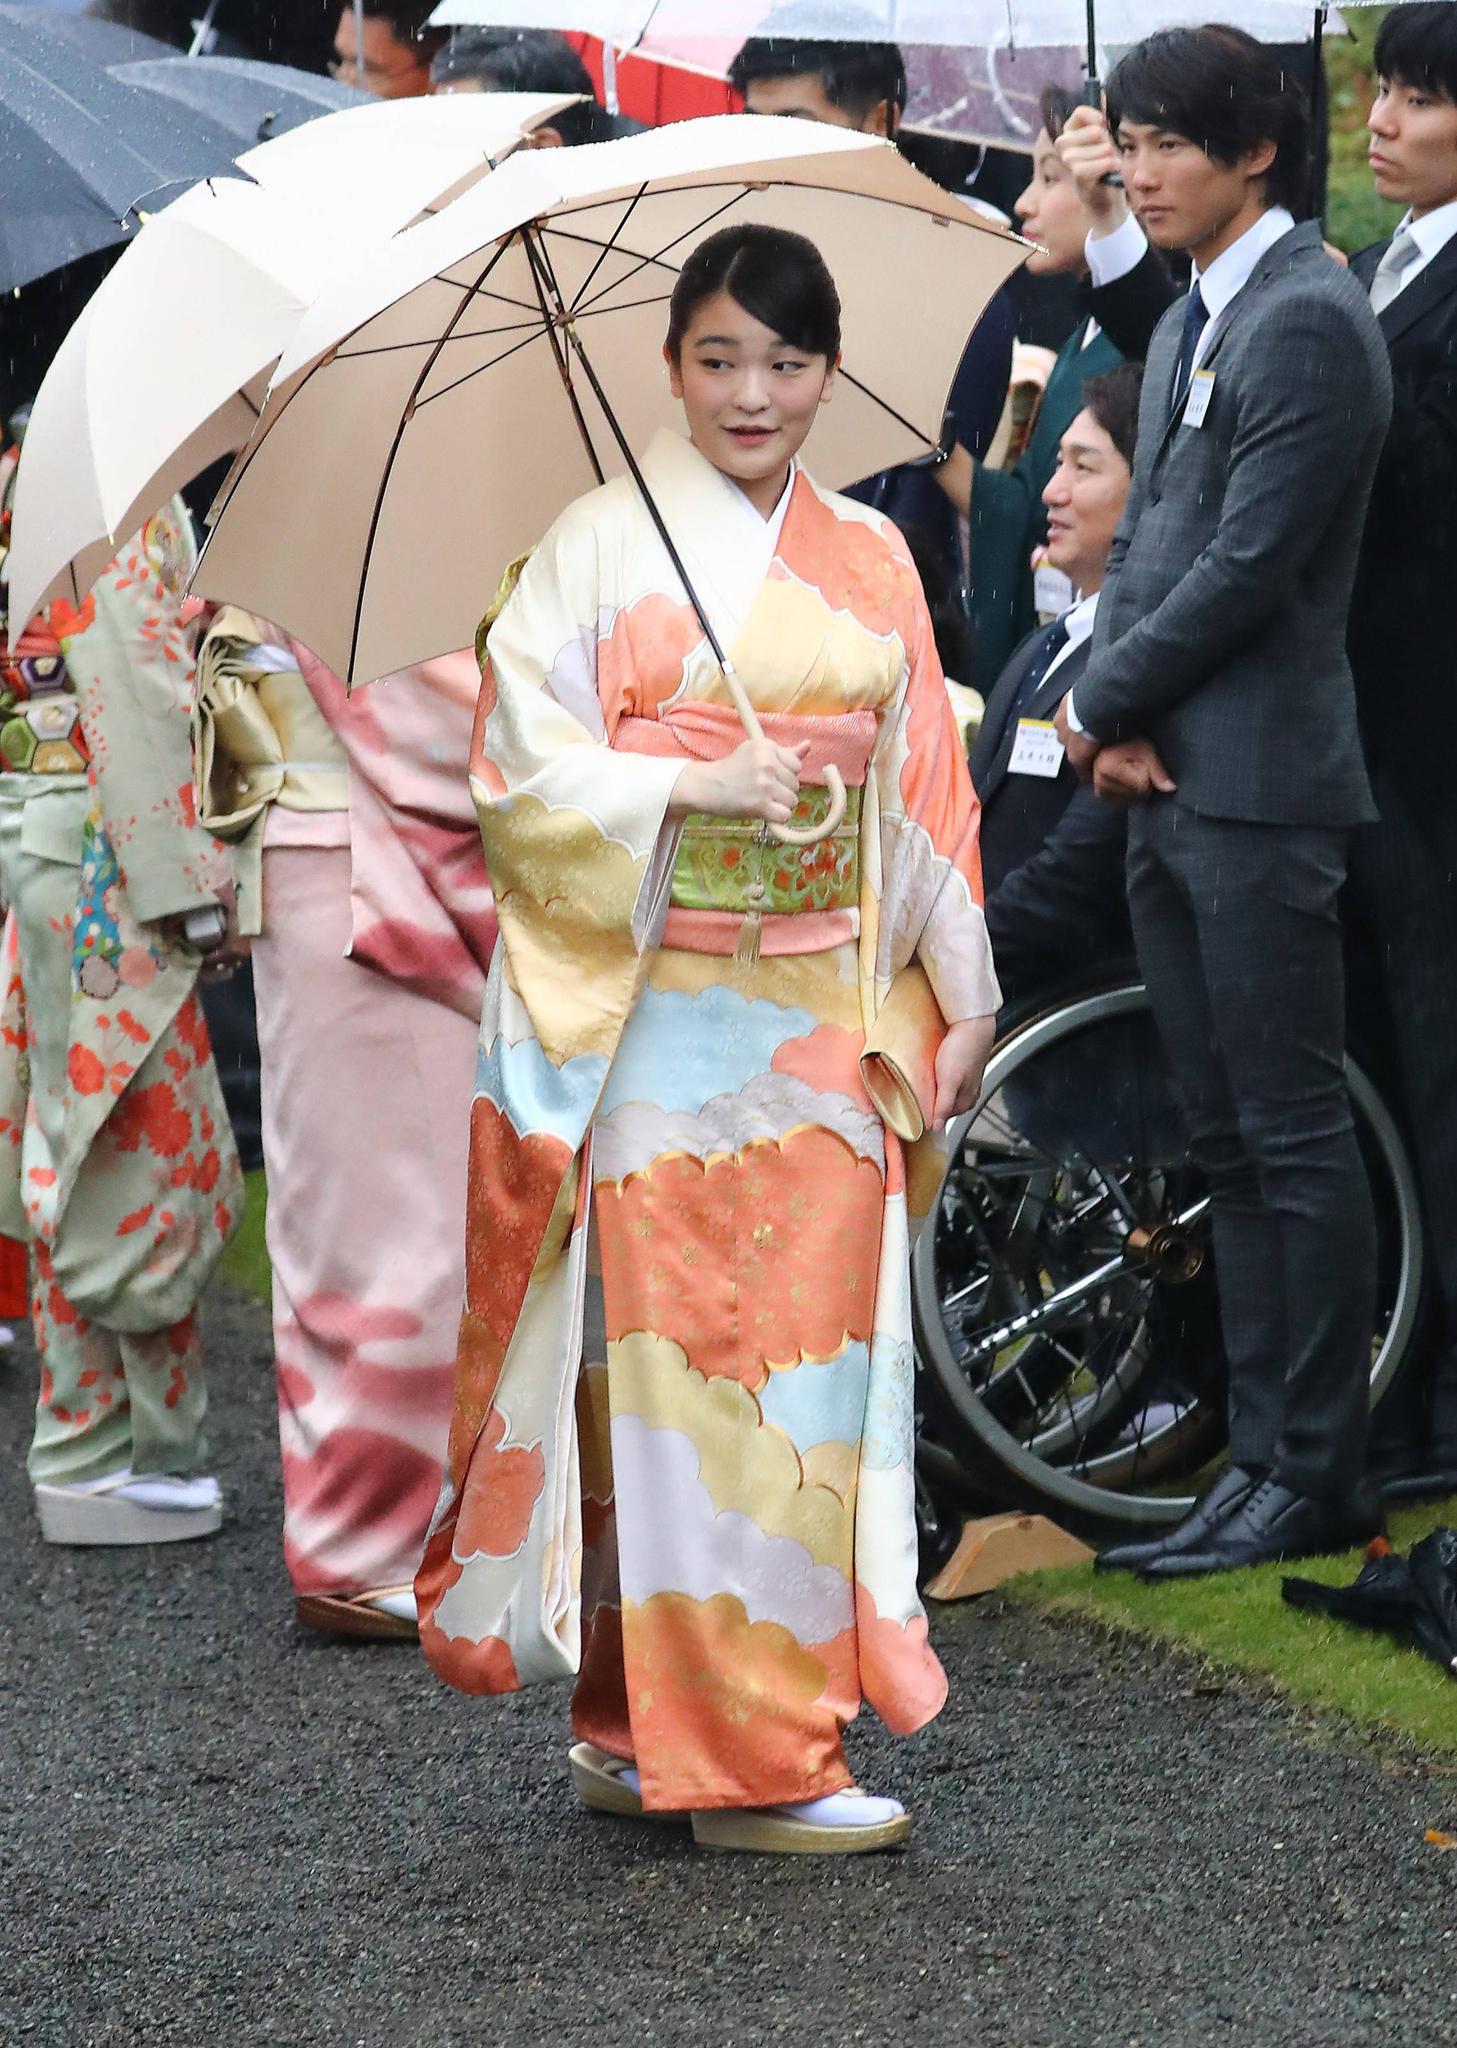 Prinzessin Mako, die Enkeln des Kaisers, hat sich für den besonderen Anlass einen bunten Kimono übergestreift